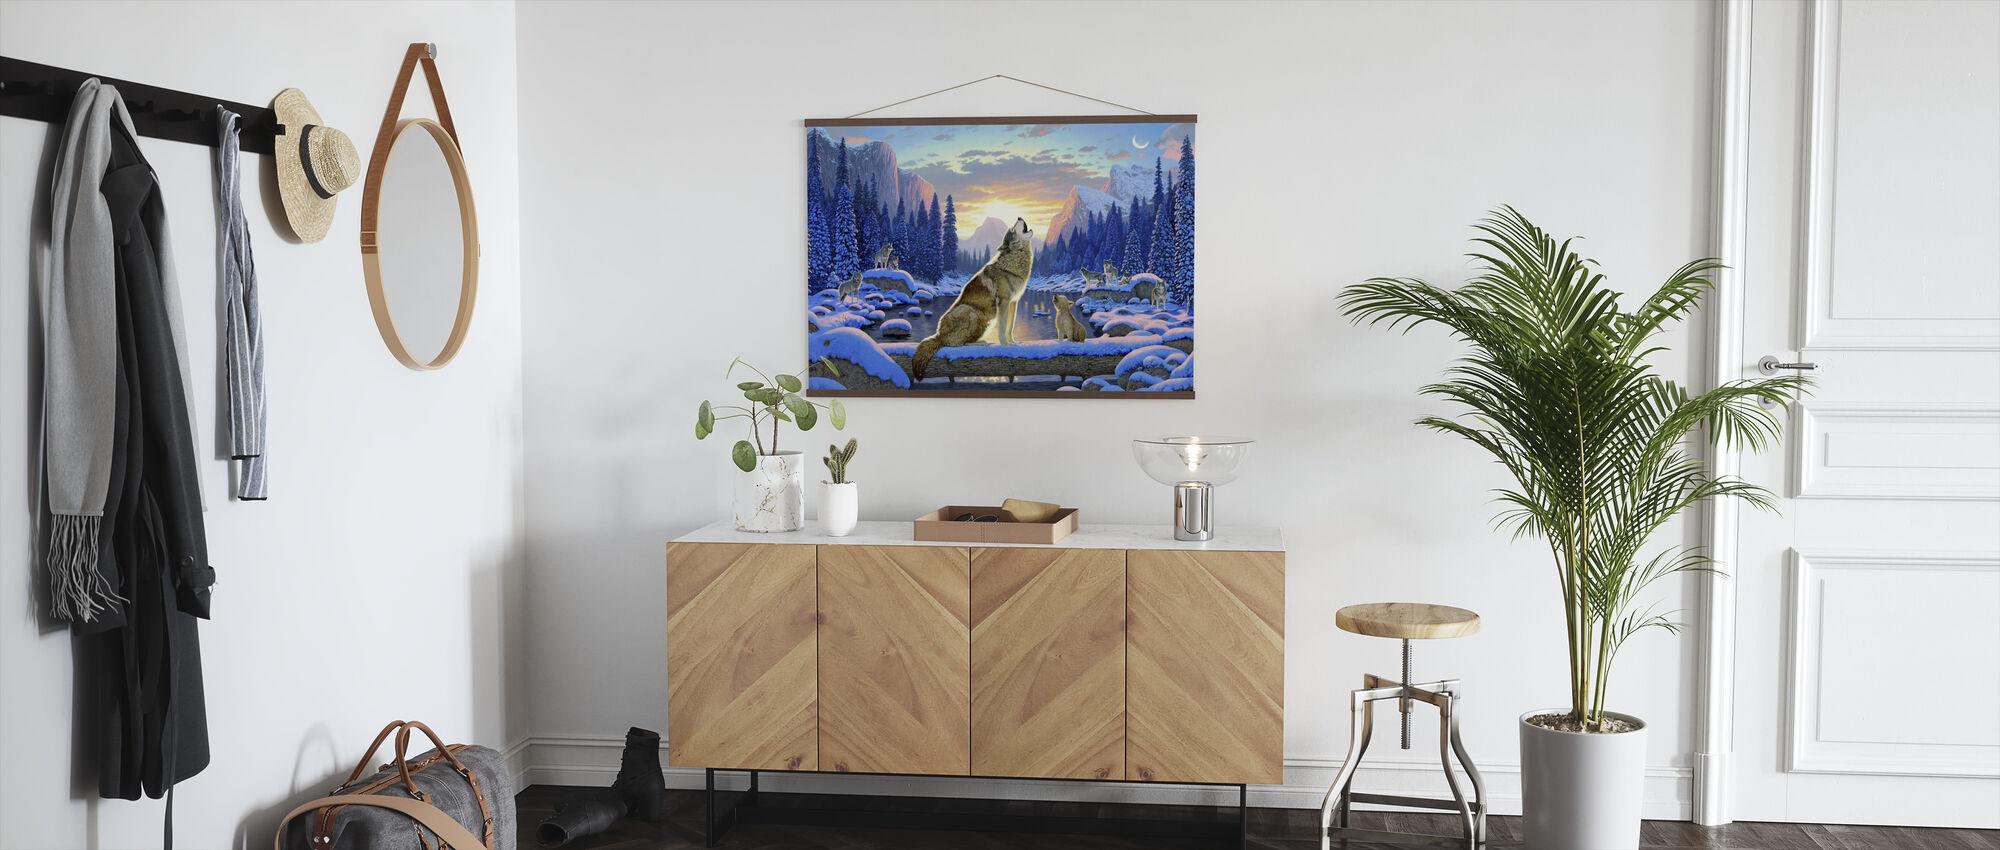 Sittande varg och unge - Poster - Hall